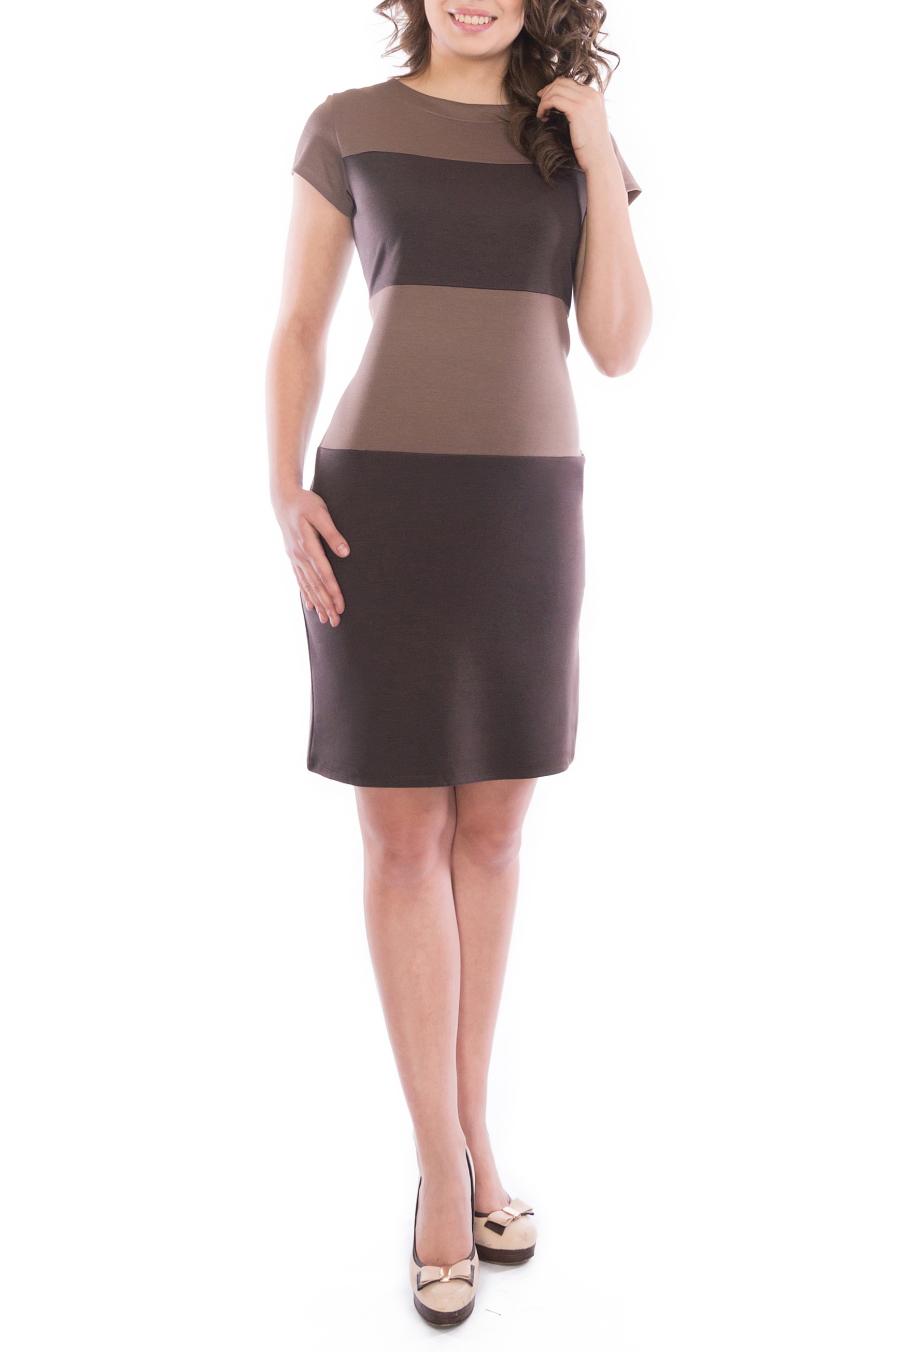 ПлатьеПлатья<br>Элегантное платье построенное на сочетании двух контрастных цветов. Классический вариант для офиса. Ткань - плотный трикотаж, характеризующийся эластичностью, растяжимостью и мягкостью. Ростовка изделия 170 см.  Длина изделия 96-98 см.  В изделии использованы цвета: коричневый, бежевый  Рост девушки-фотомодели 173 см<br><br>Горловина: С- горловина<br>По длине: До колена<br>По материалу: Вискоза,Трикотаж<br>По рисунку: В полоску,Цветные<br>По силуэту: Приталенные<br>По стилю: Офисный стиль,Повседневный стиль<br>По форме: Платье - футляр<br>Рукав: Короткий рукав<br>По сезону: Осень,Весна,Зима<br>Размер : 44,46,48,50,52<br>Материал: Трикотаж<br>Количество в наличии: 8